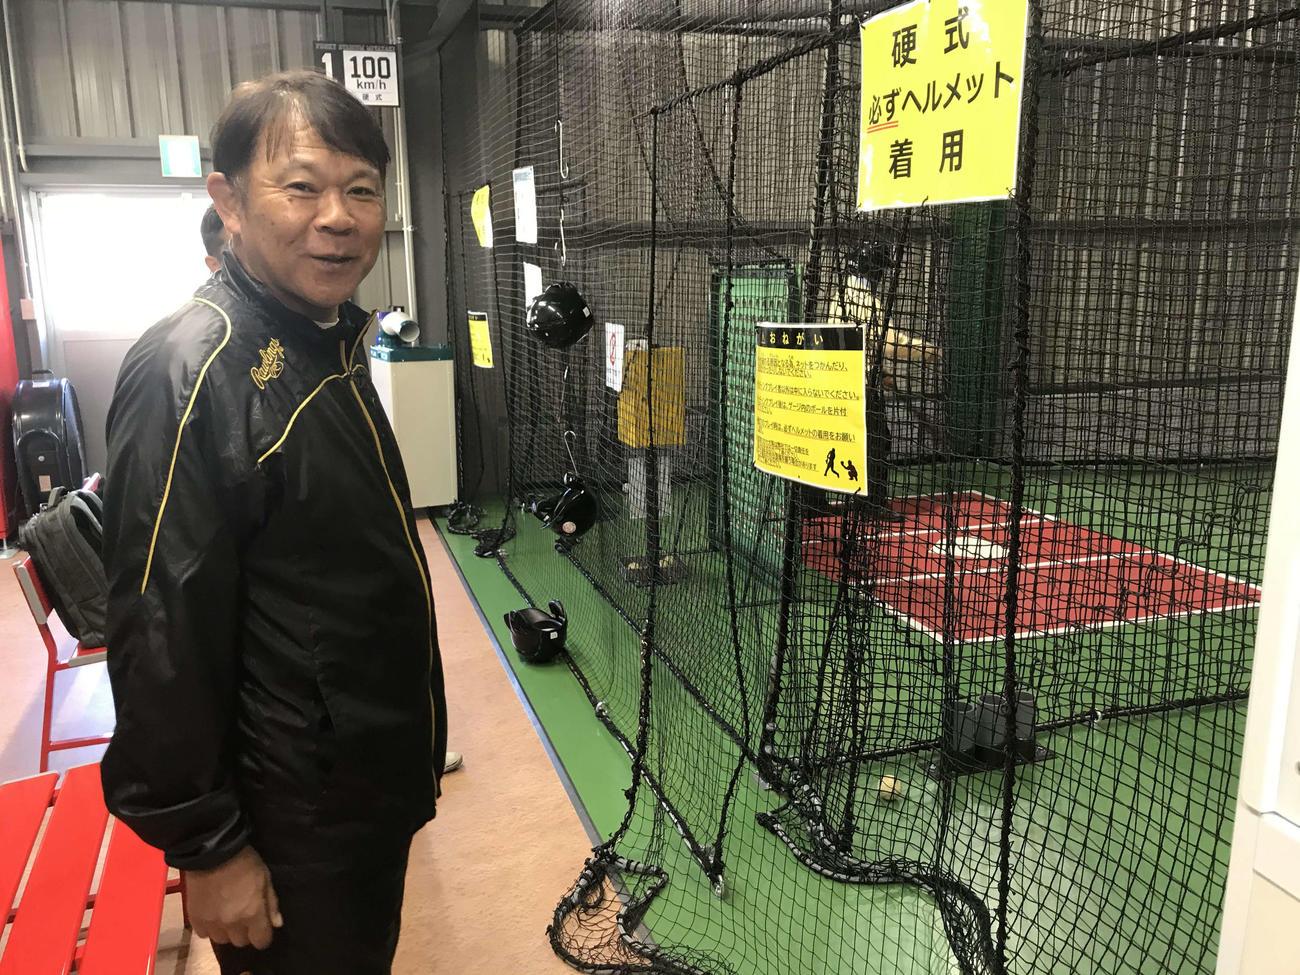 一般客の打撃練習を見守るオリックス西村監督(撮影・真柴健)